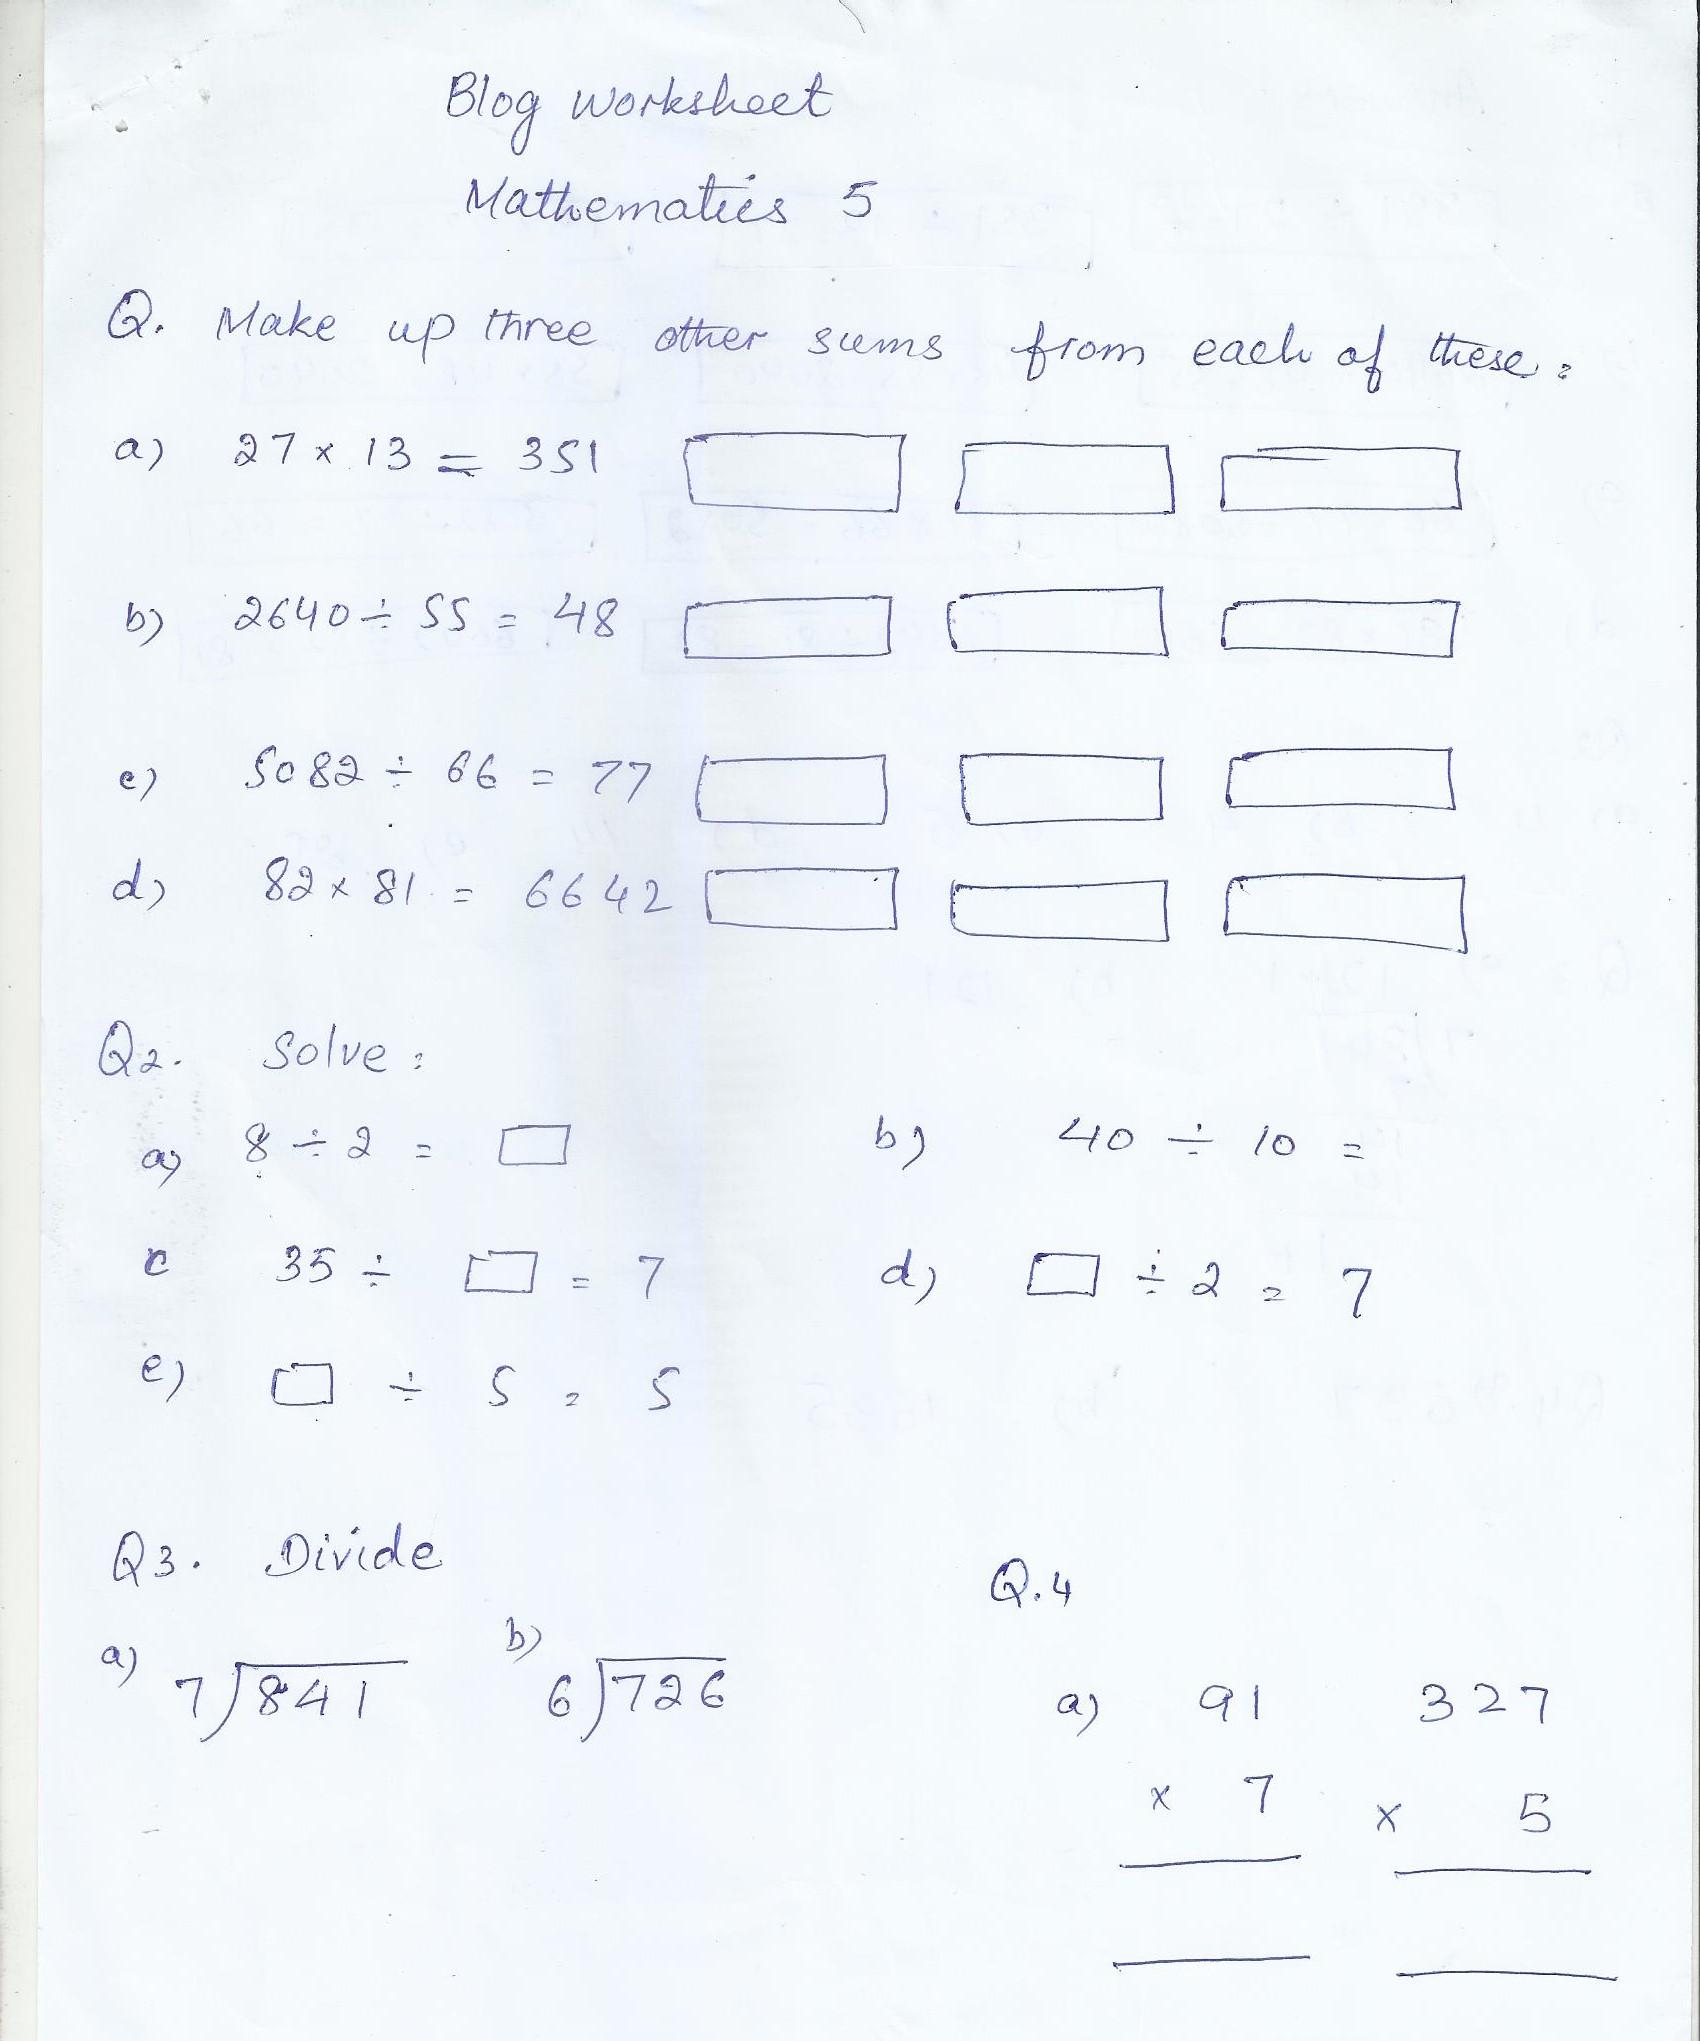 Math Blog Worksheet Class 5